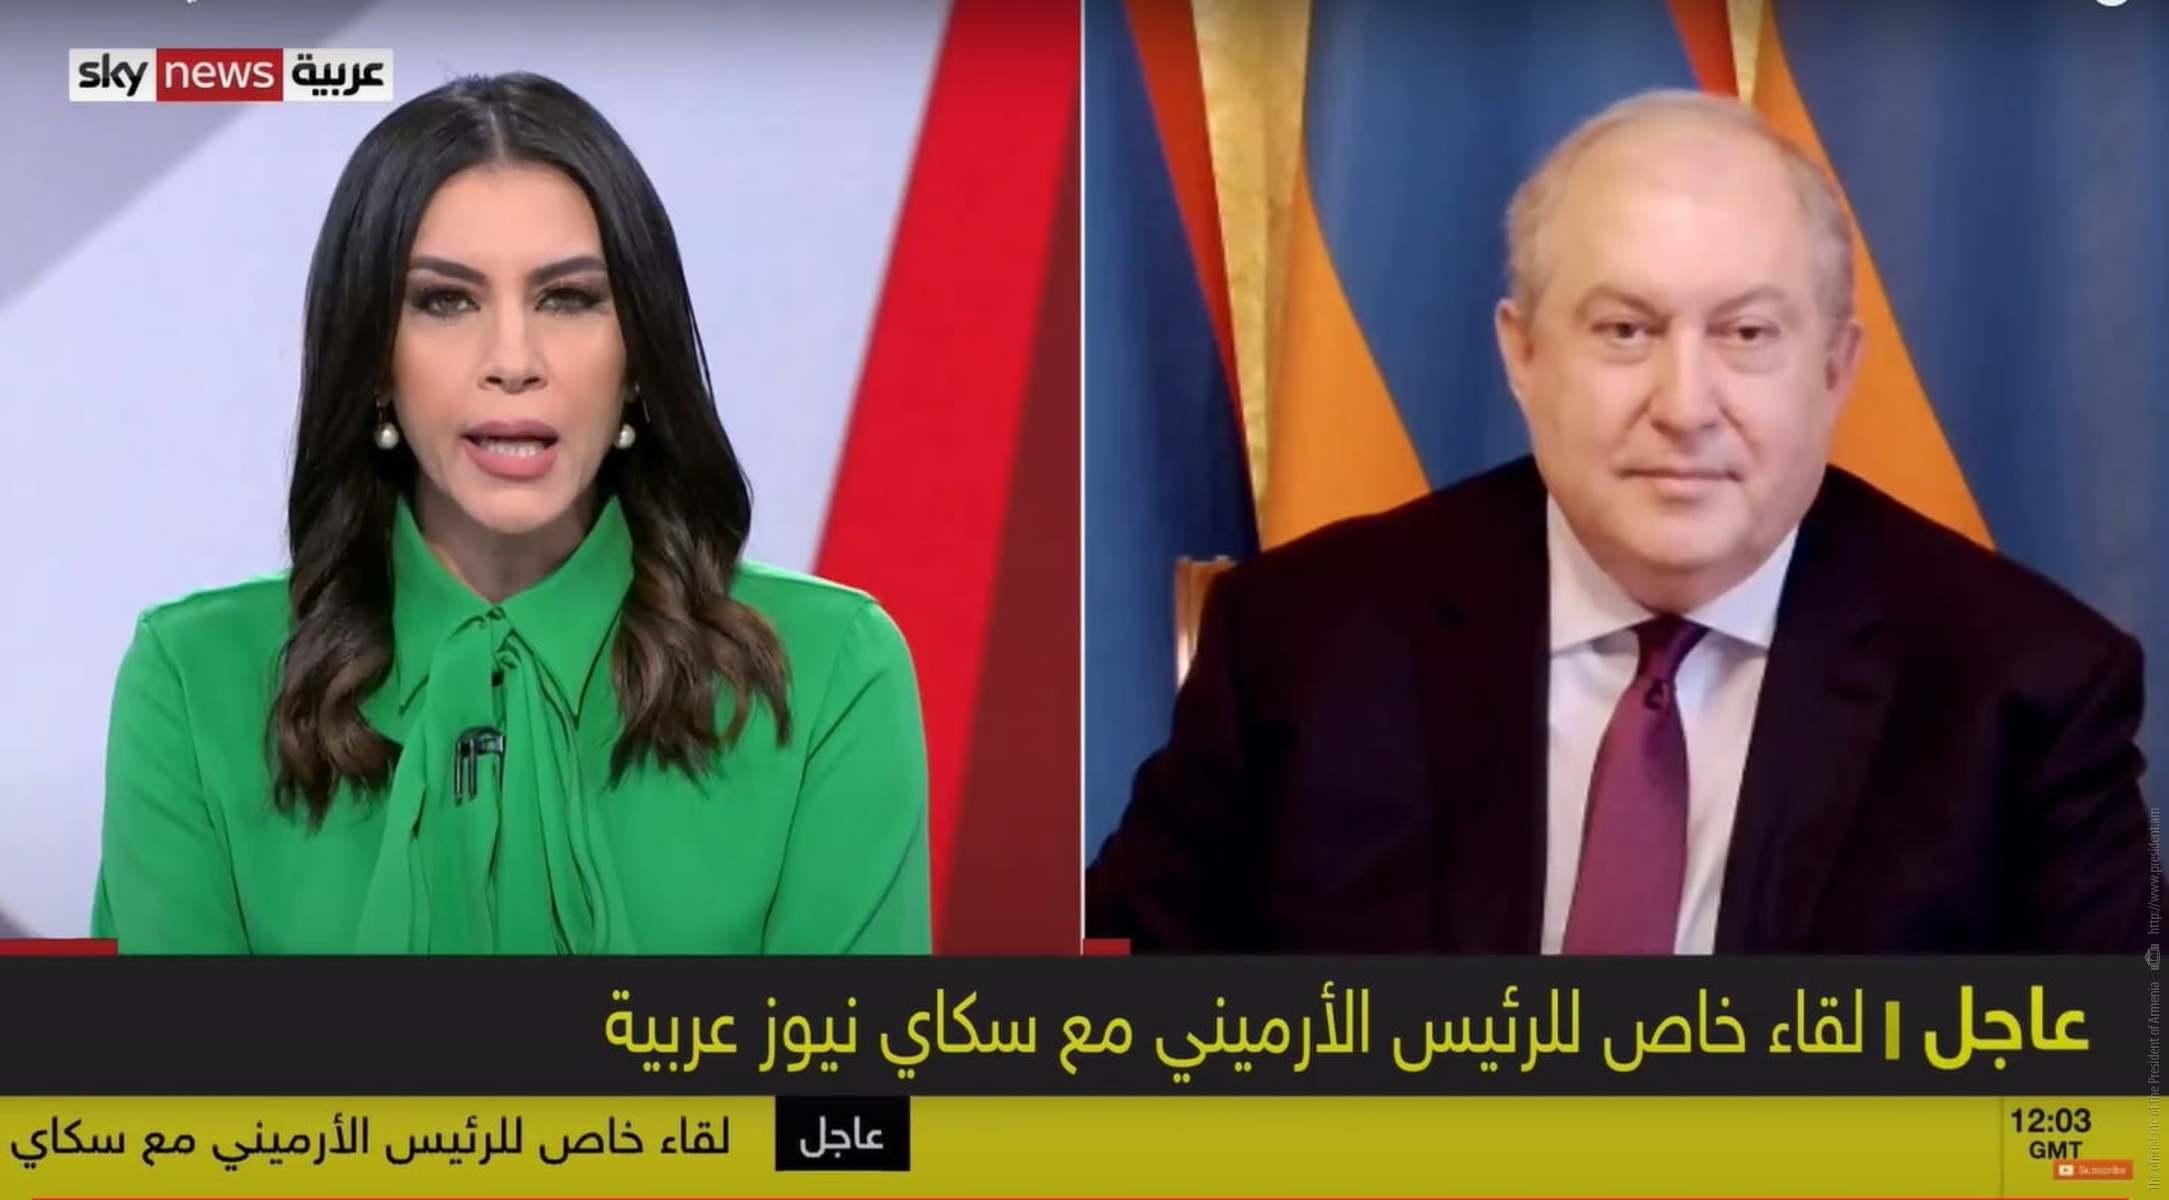 Photo of Թուրքիան միջազգային հանրության ճնշման ներքո պետք է դուրս գա այս հակամարտությունից. նախագահ Սարգսյանի հարցազրույցը Sky News Arabia հեռուստաընկերությանը